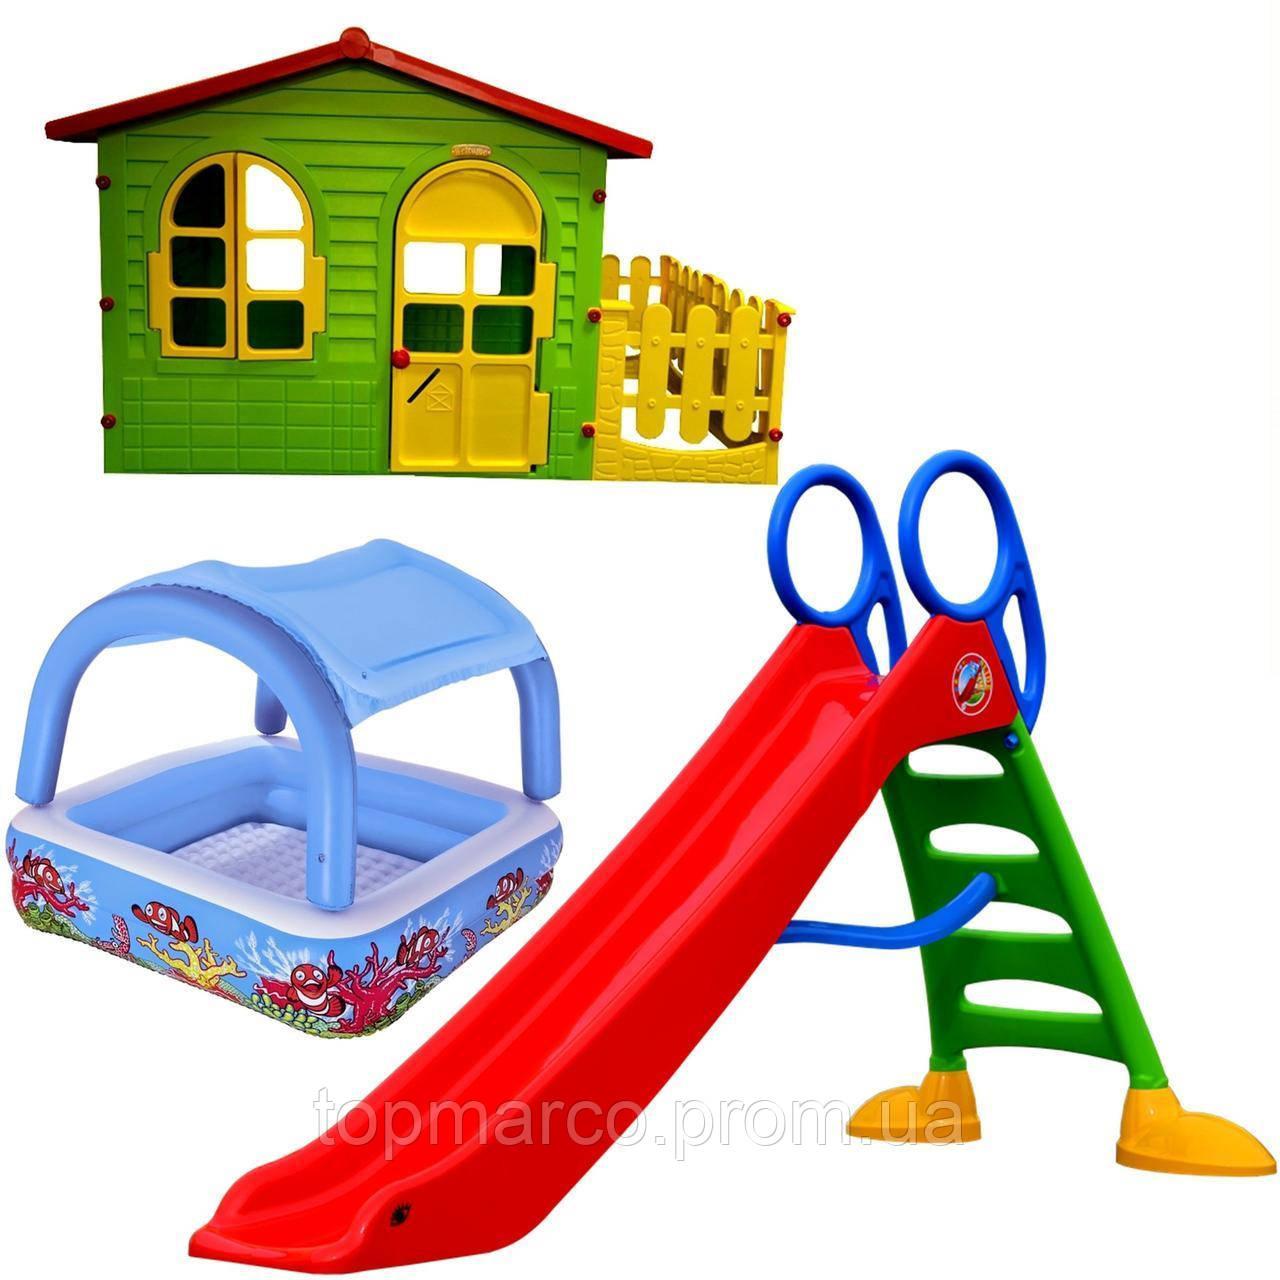 Детский игровой домик Mochtoys + подарок ( горка з надувным бассейном)